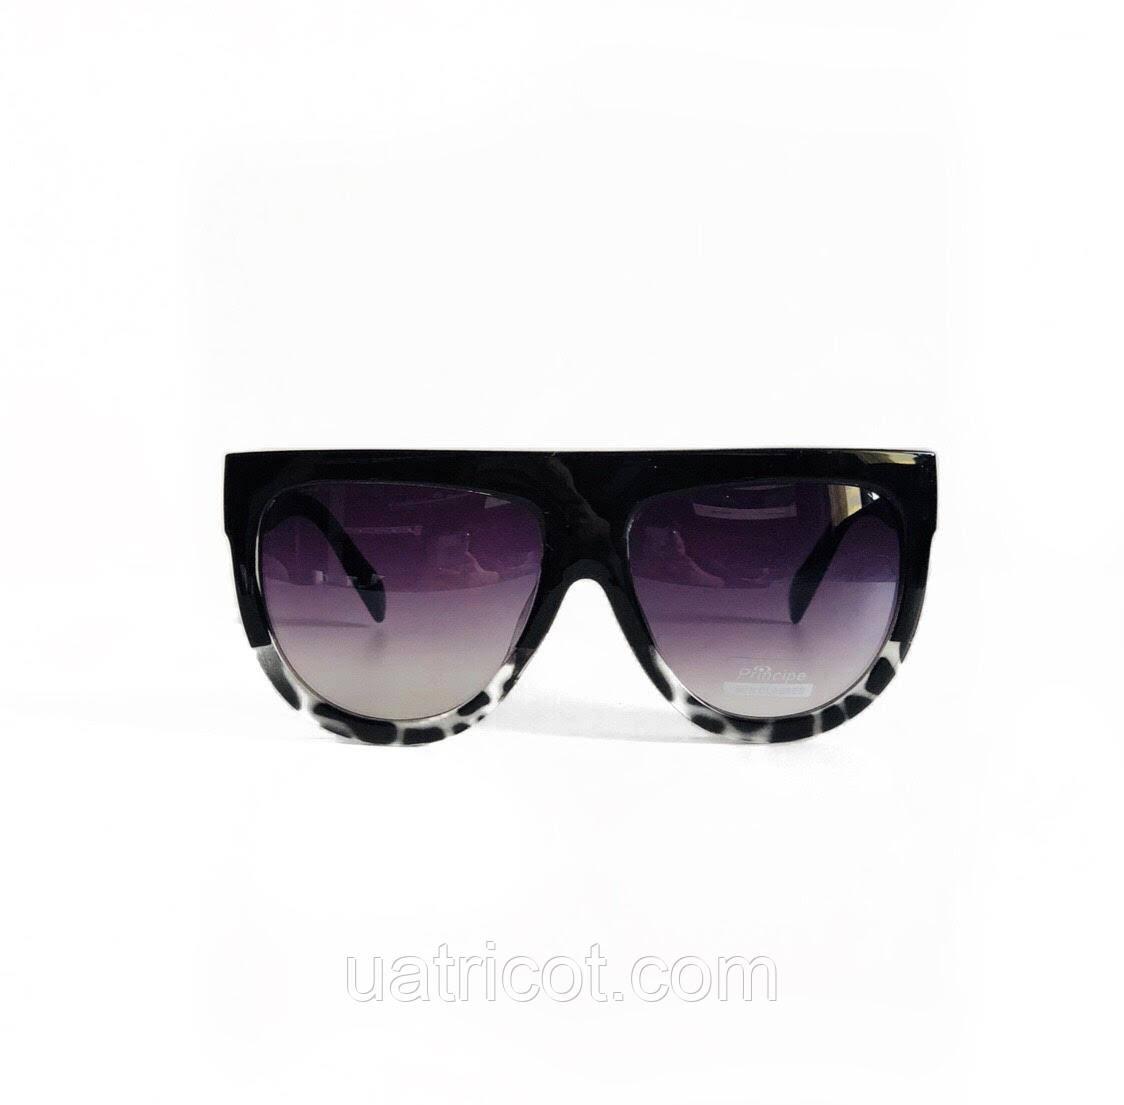 Женские солнцезащитные очки маска в чёрной оправе с лавандовыми линзами